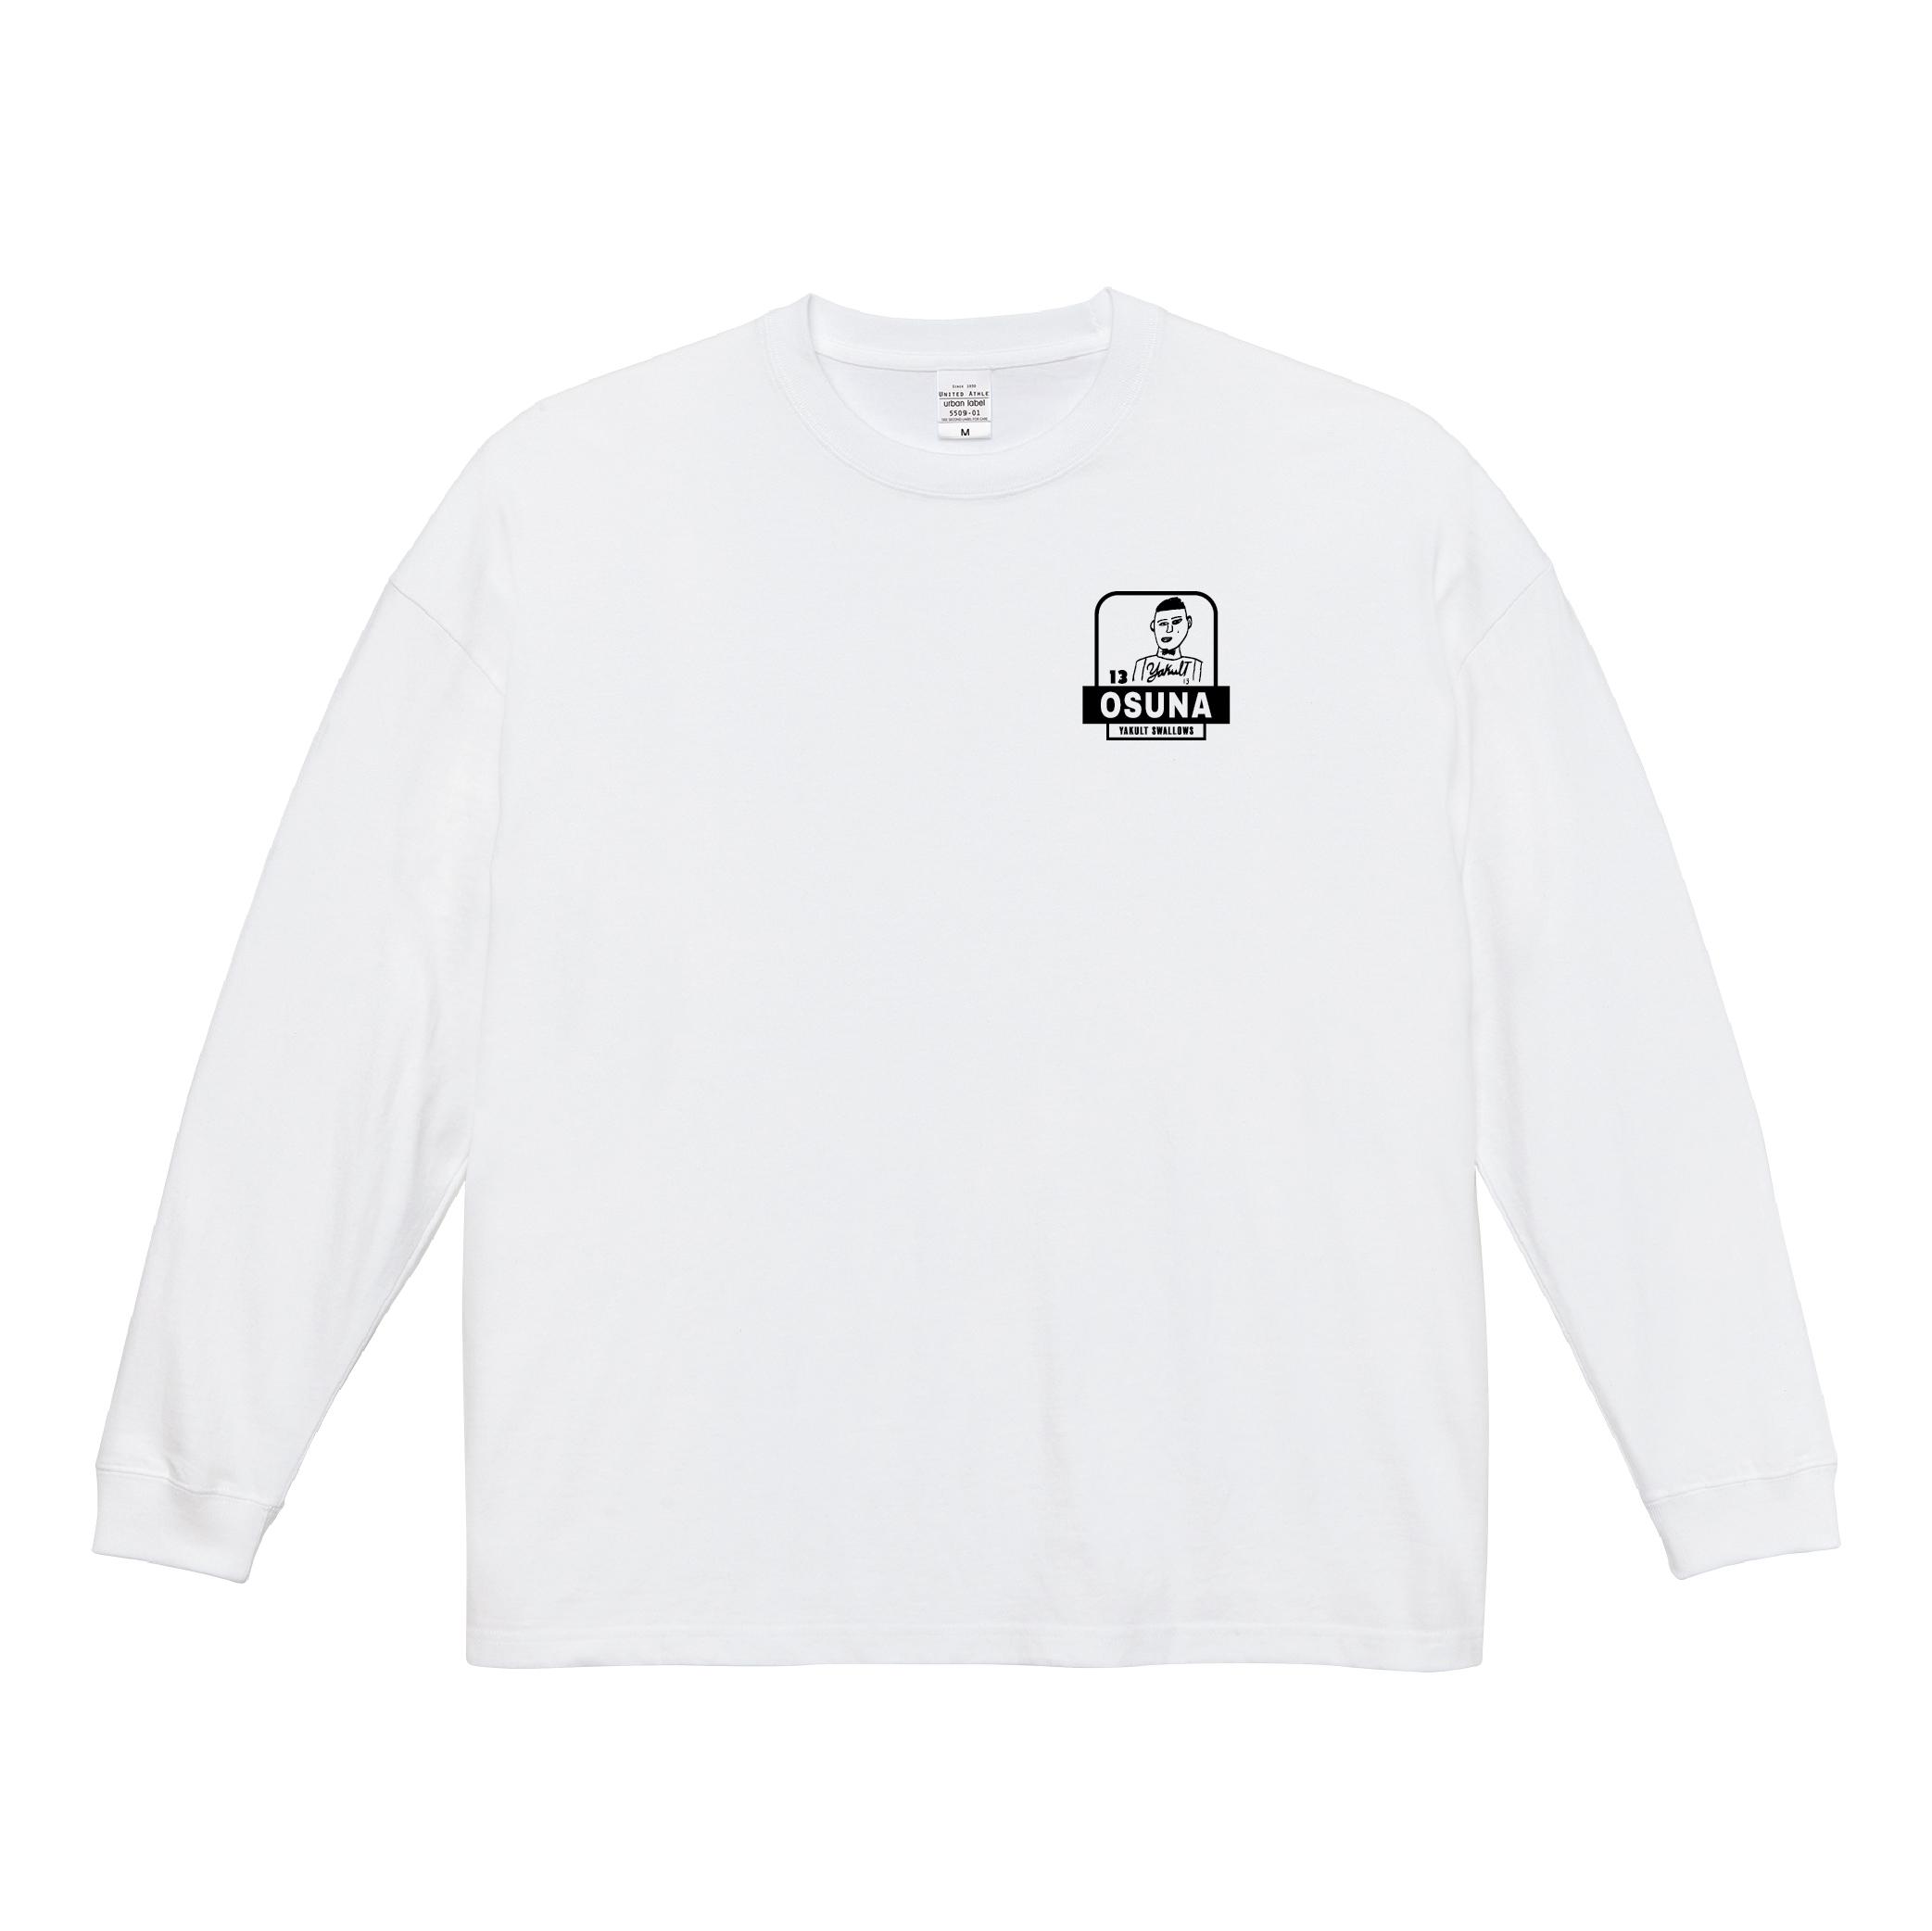 オスナ選手自画像刺繍ロングTシャツ